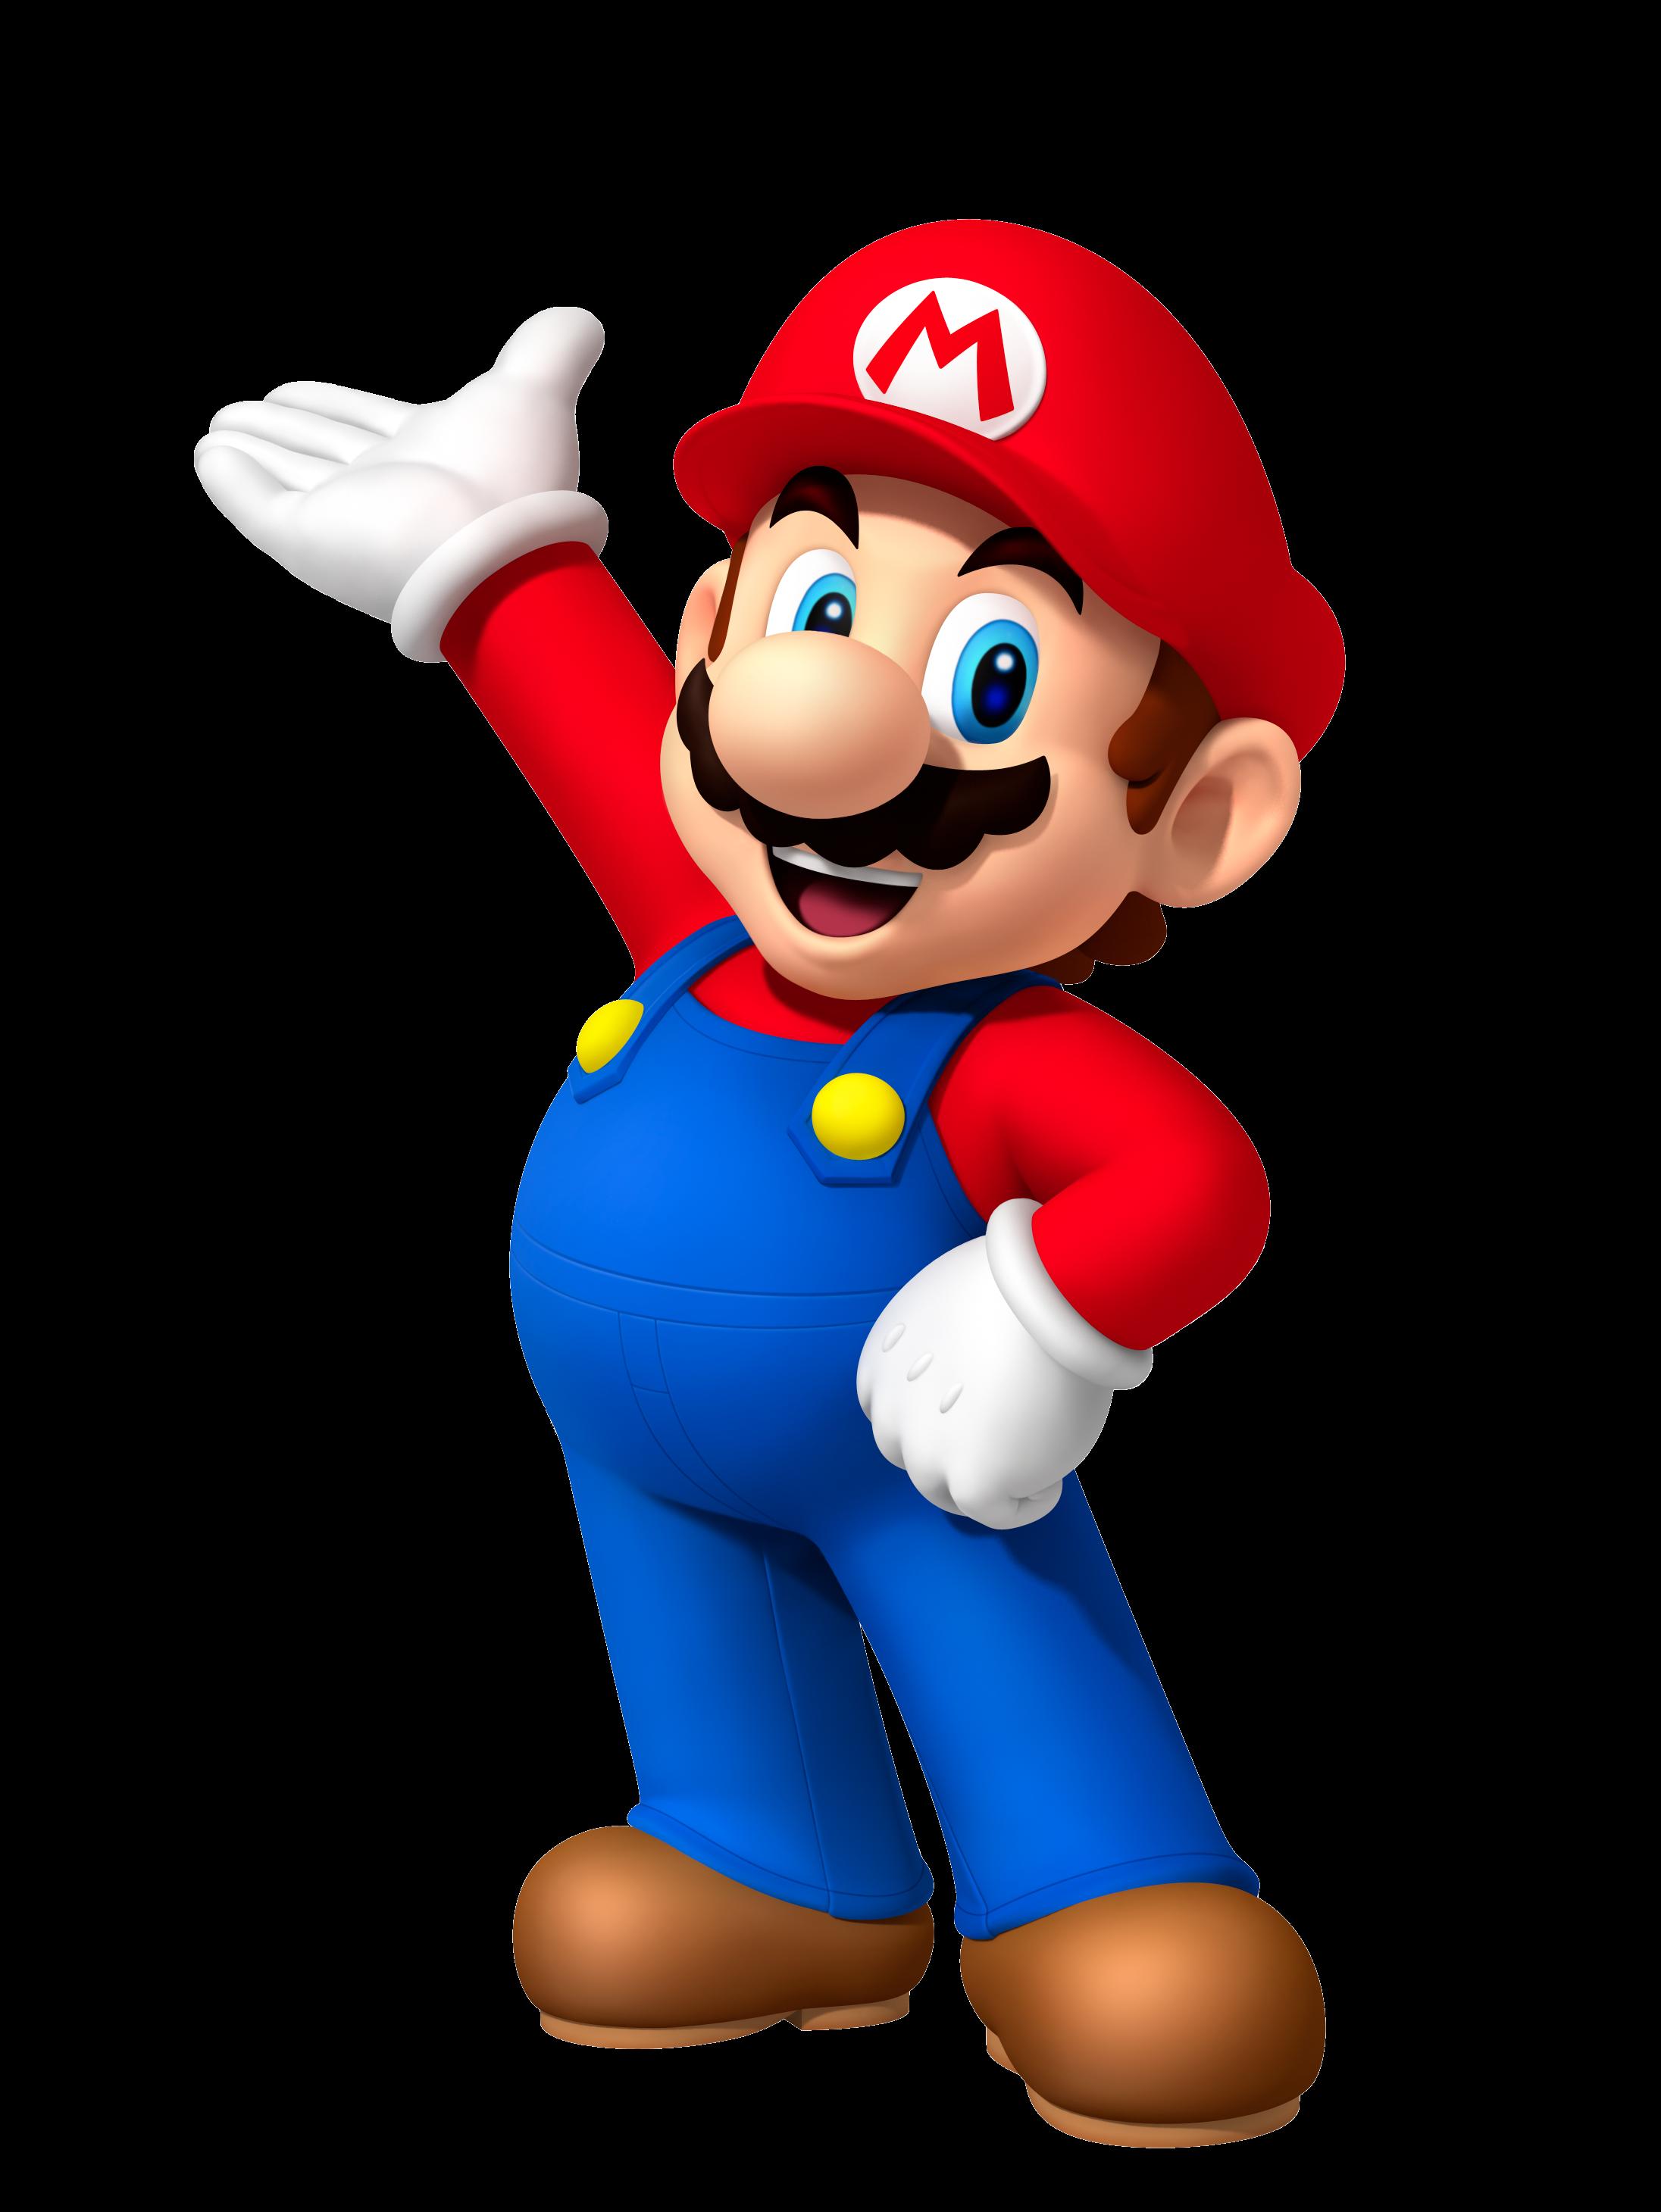 Mario Image PNG Image - Mario PNG